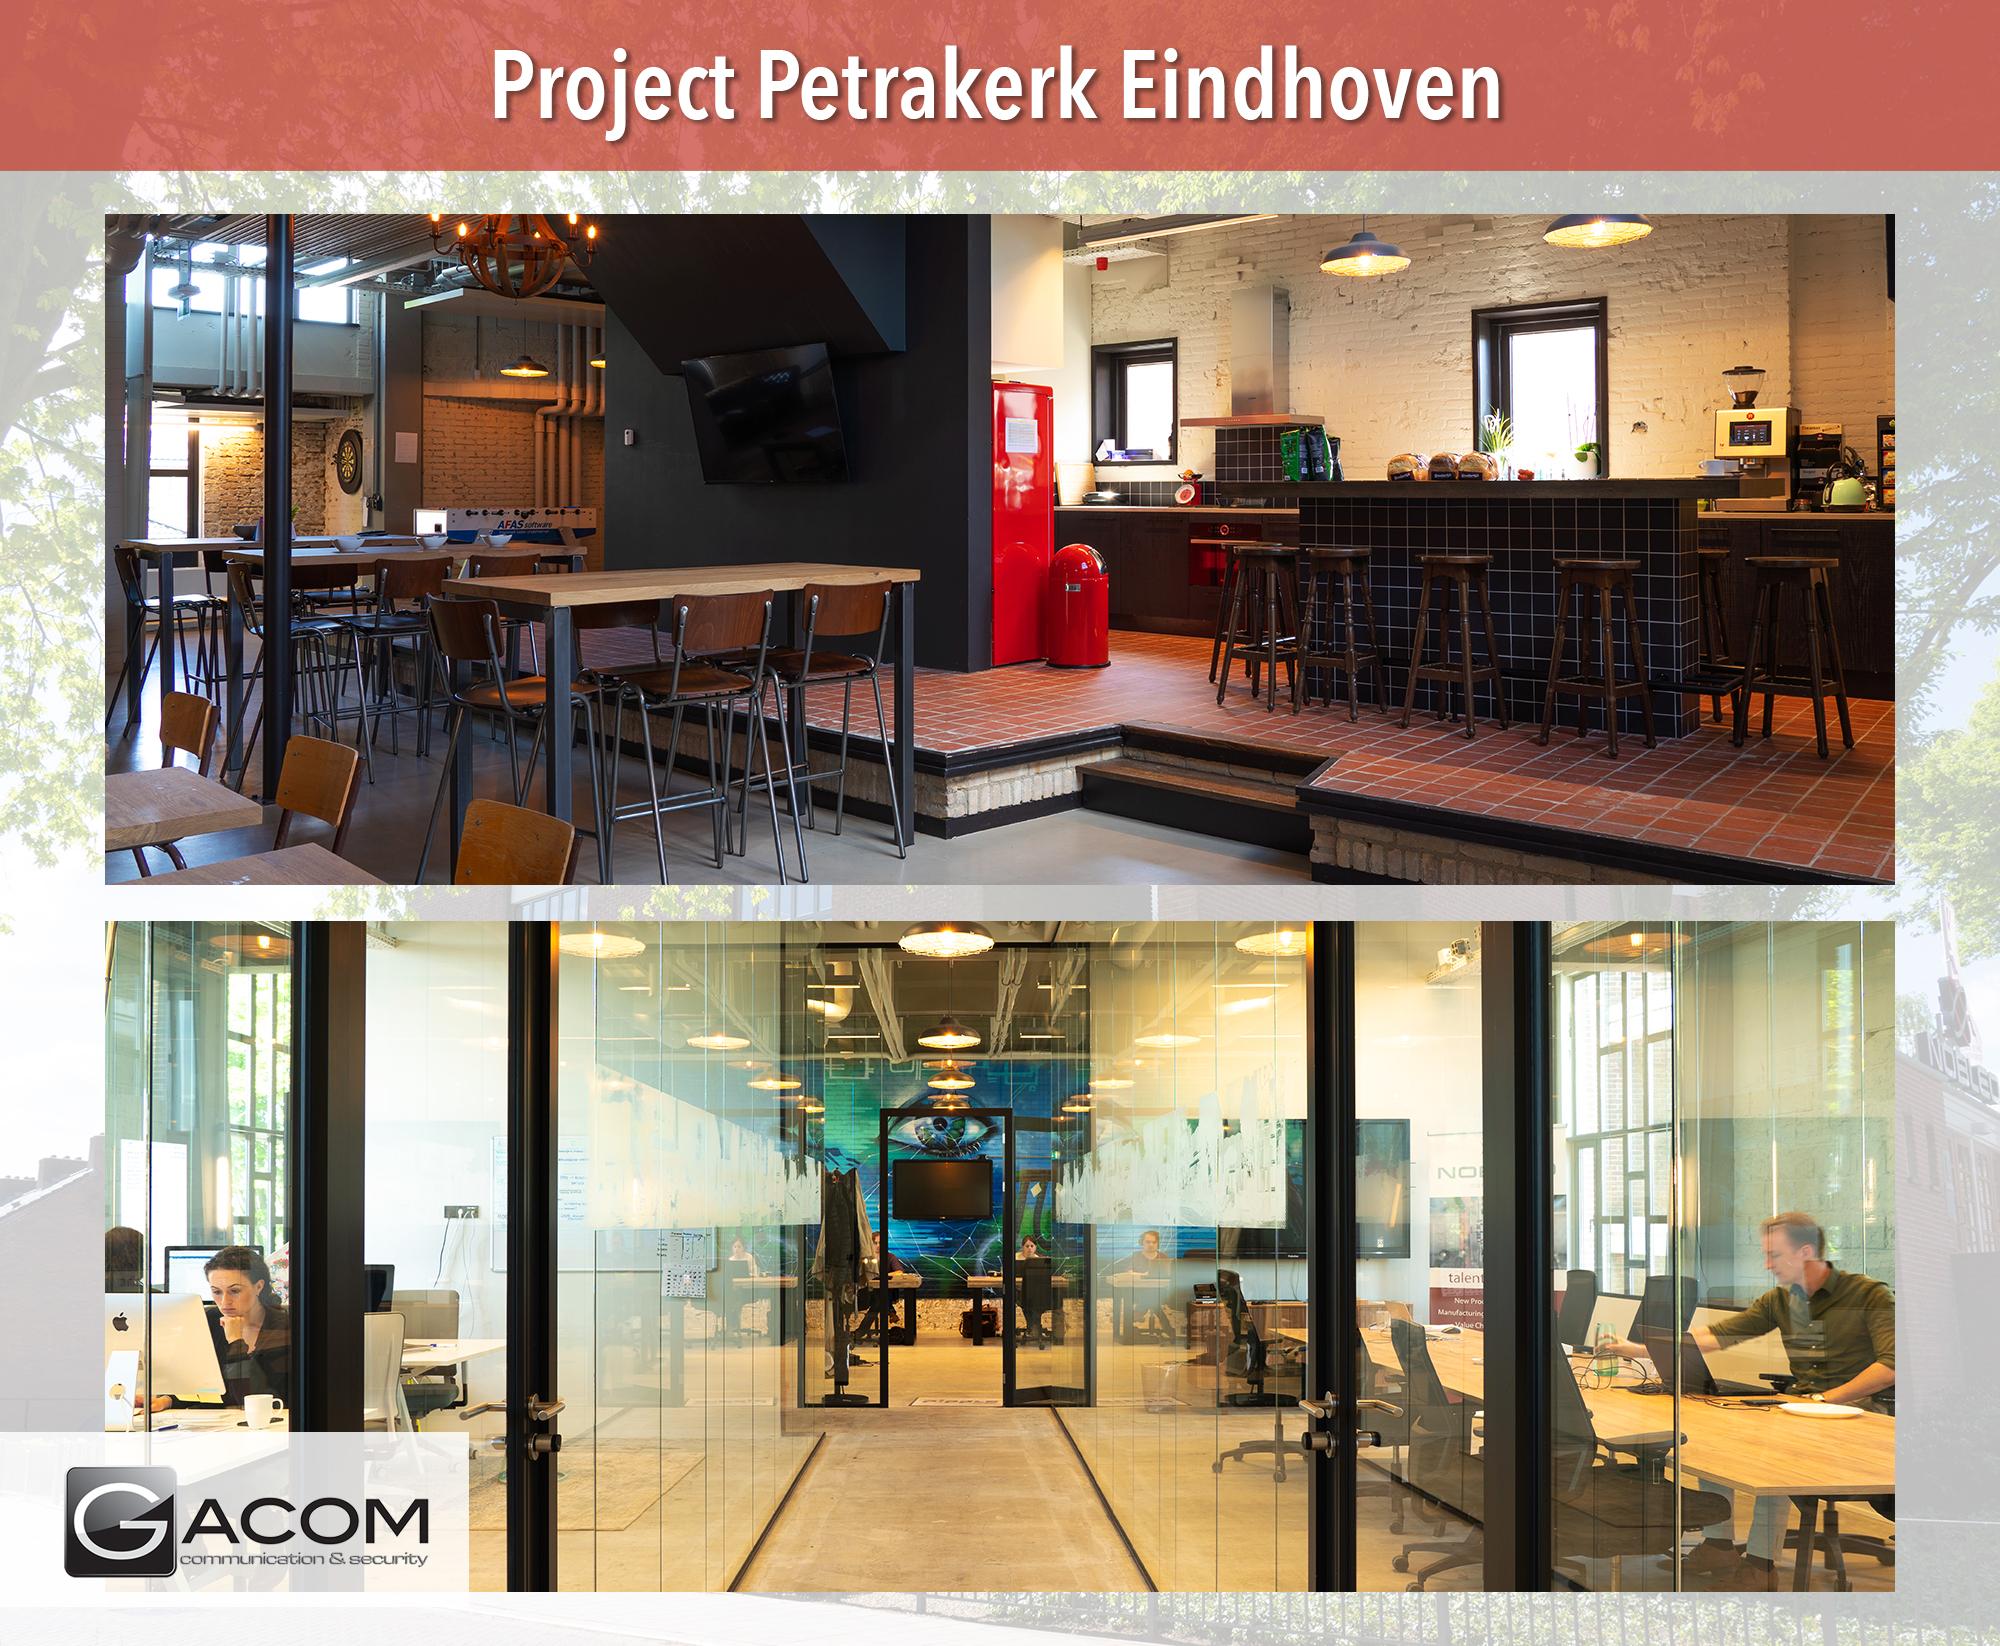 Project petrakerk Eindhoven